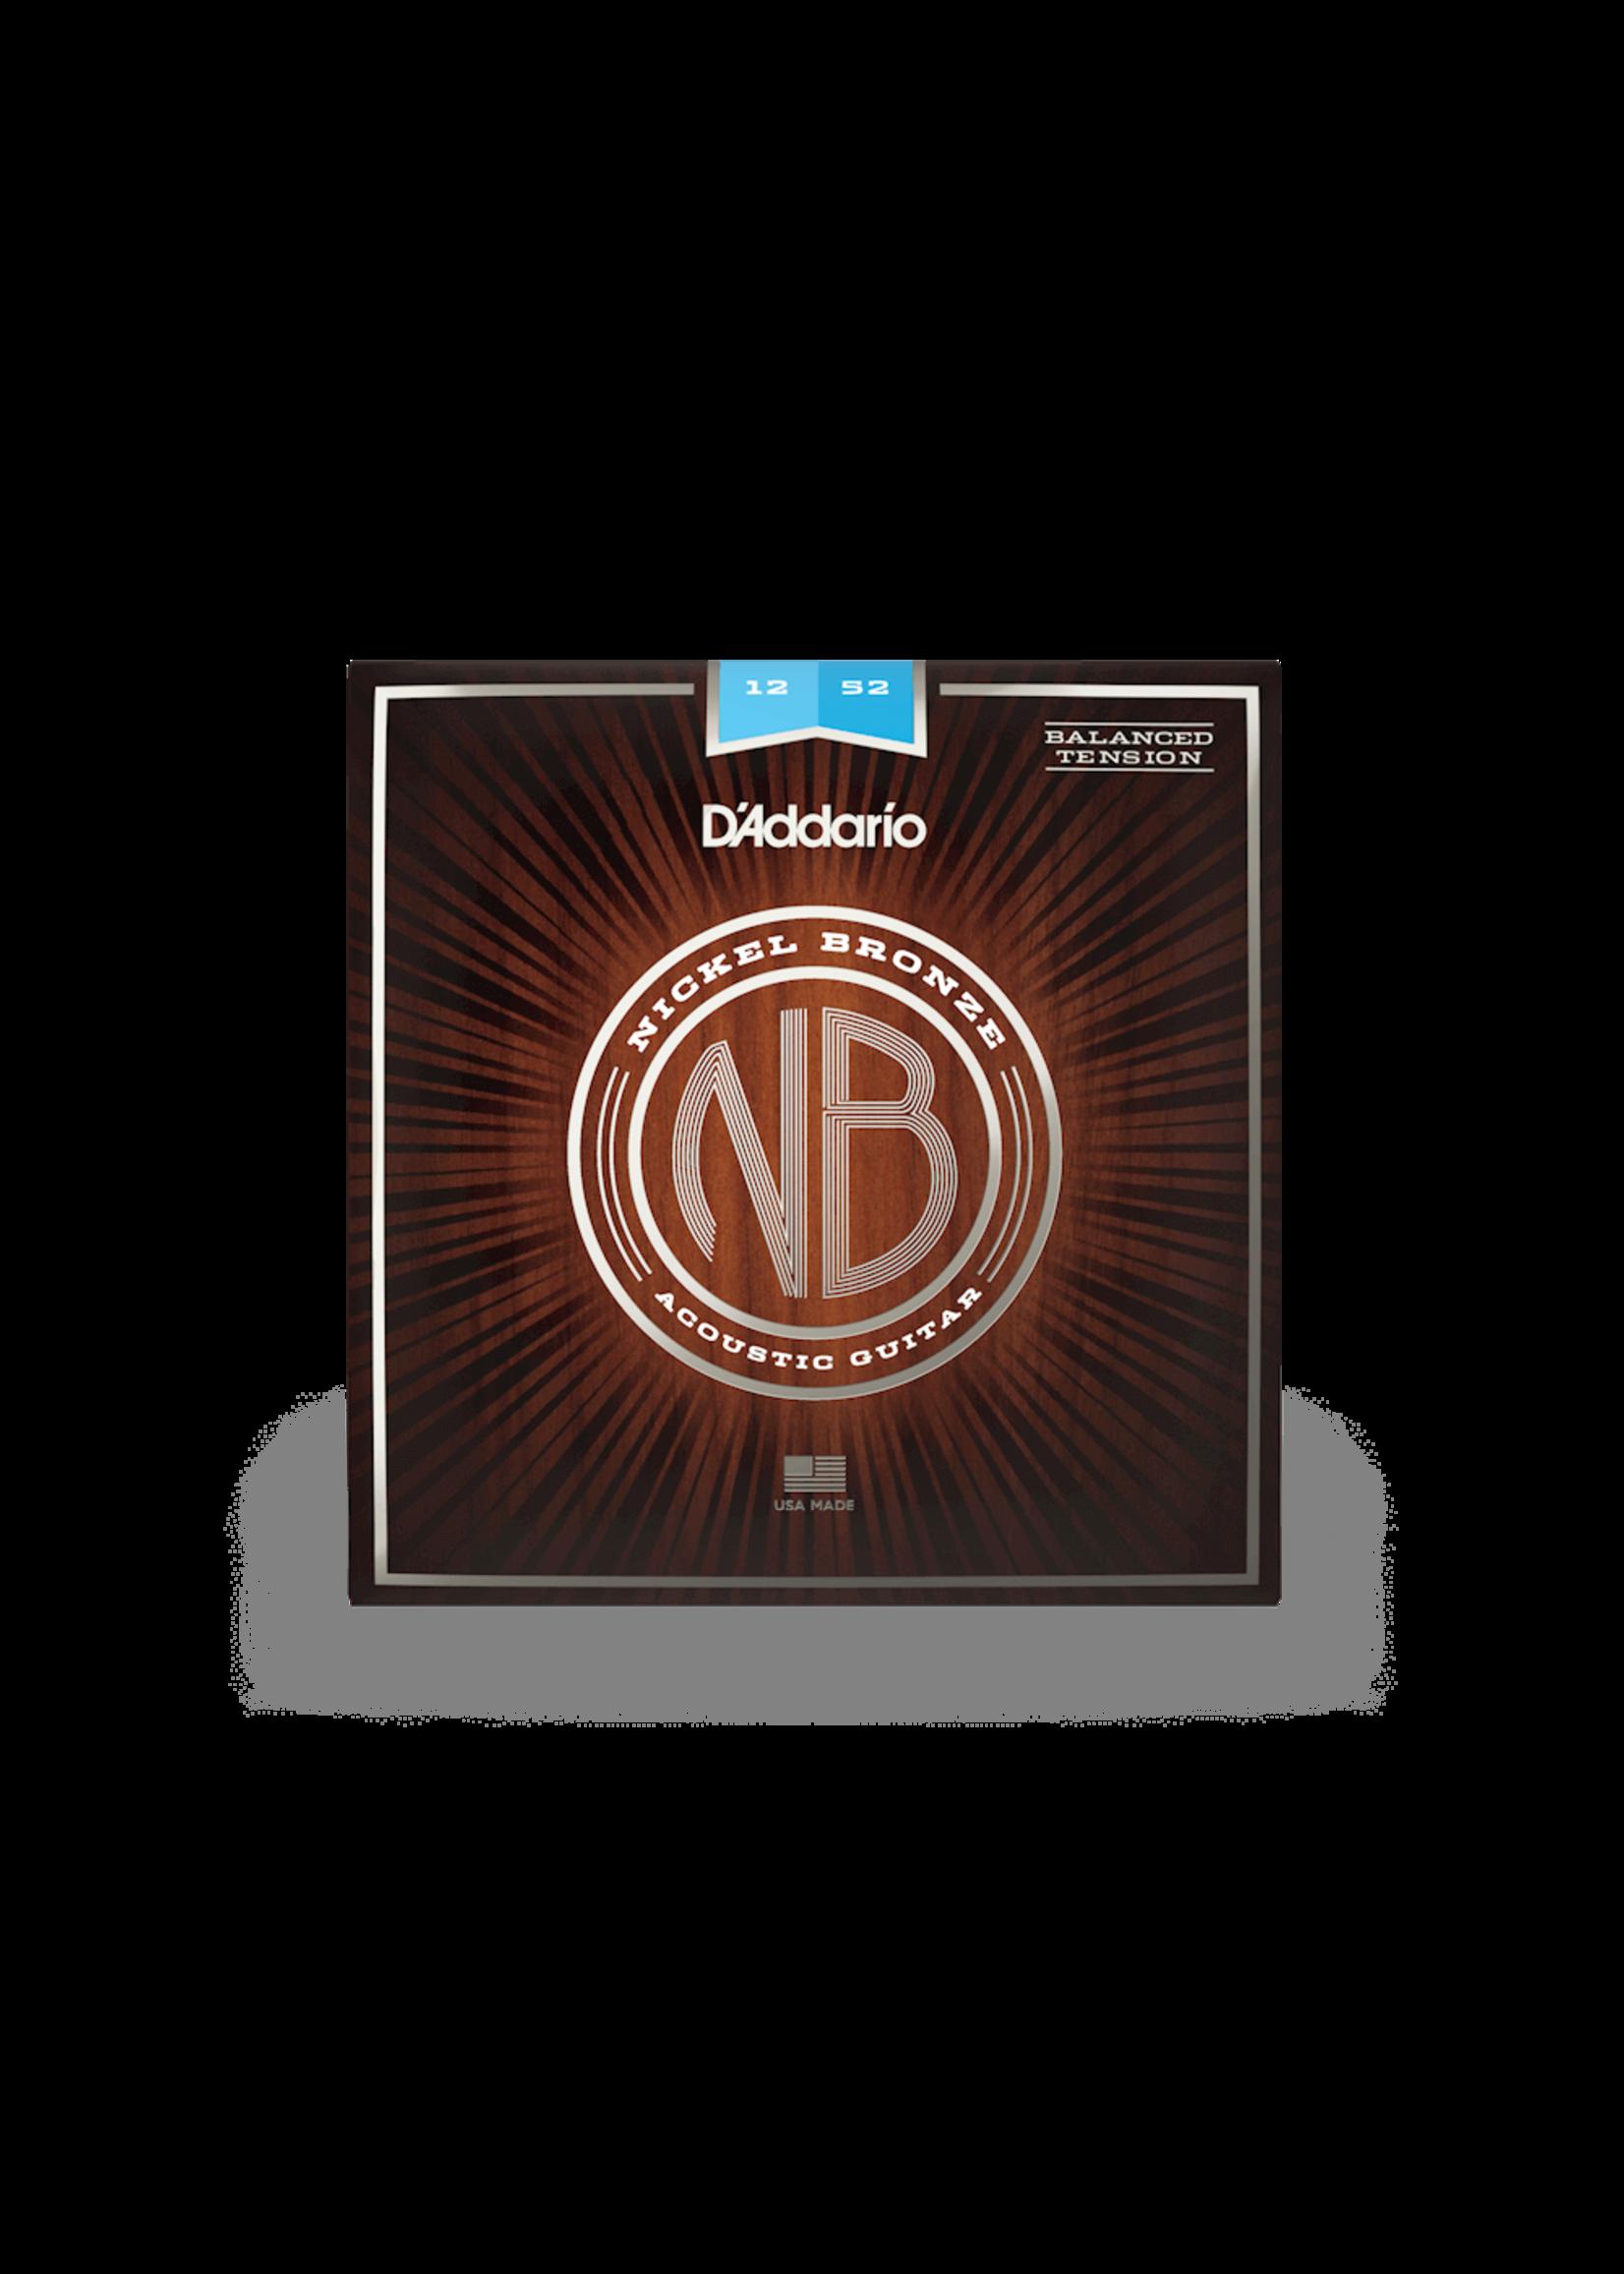 D'ADDARIO NB1252BT D'ADDARIO